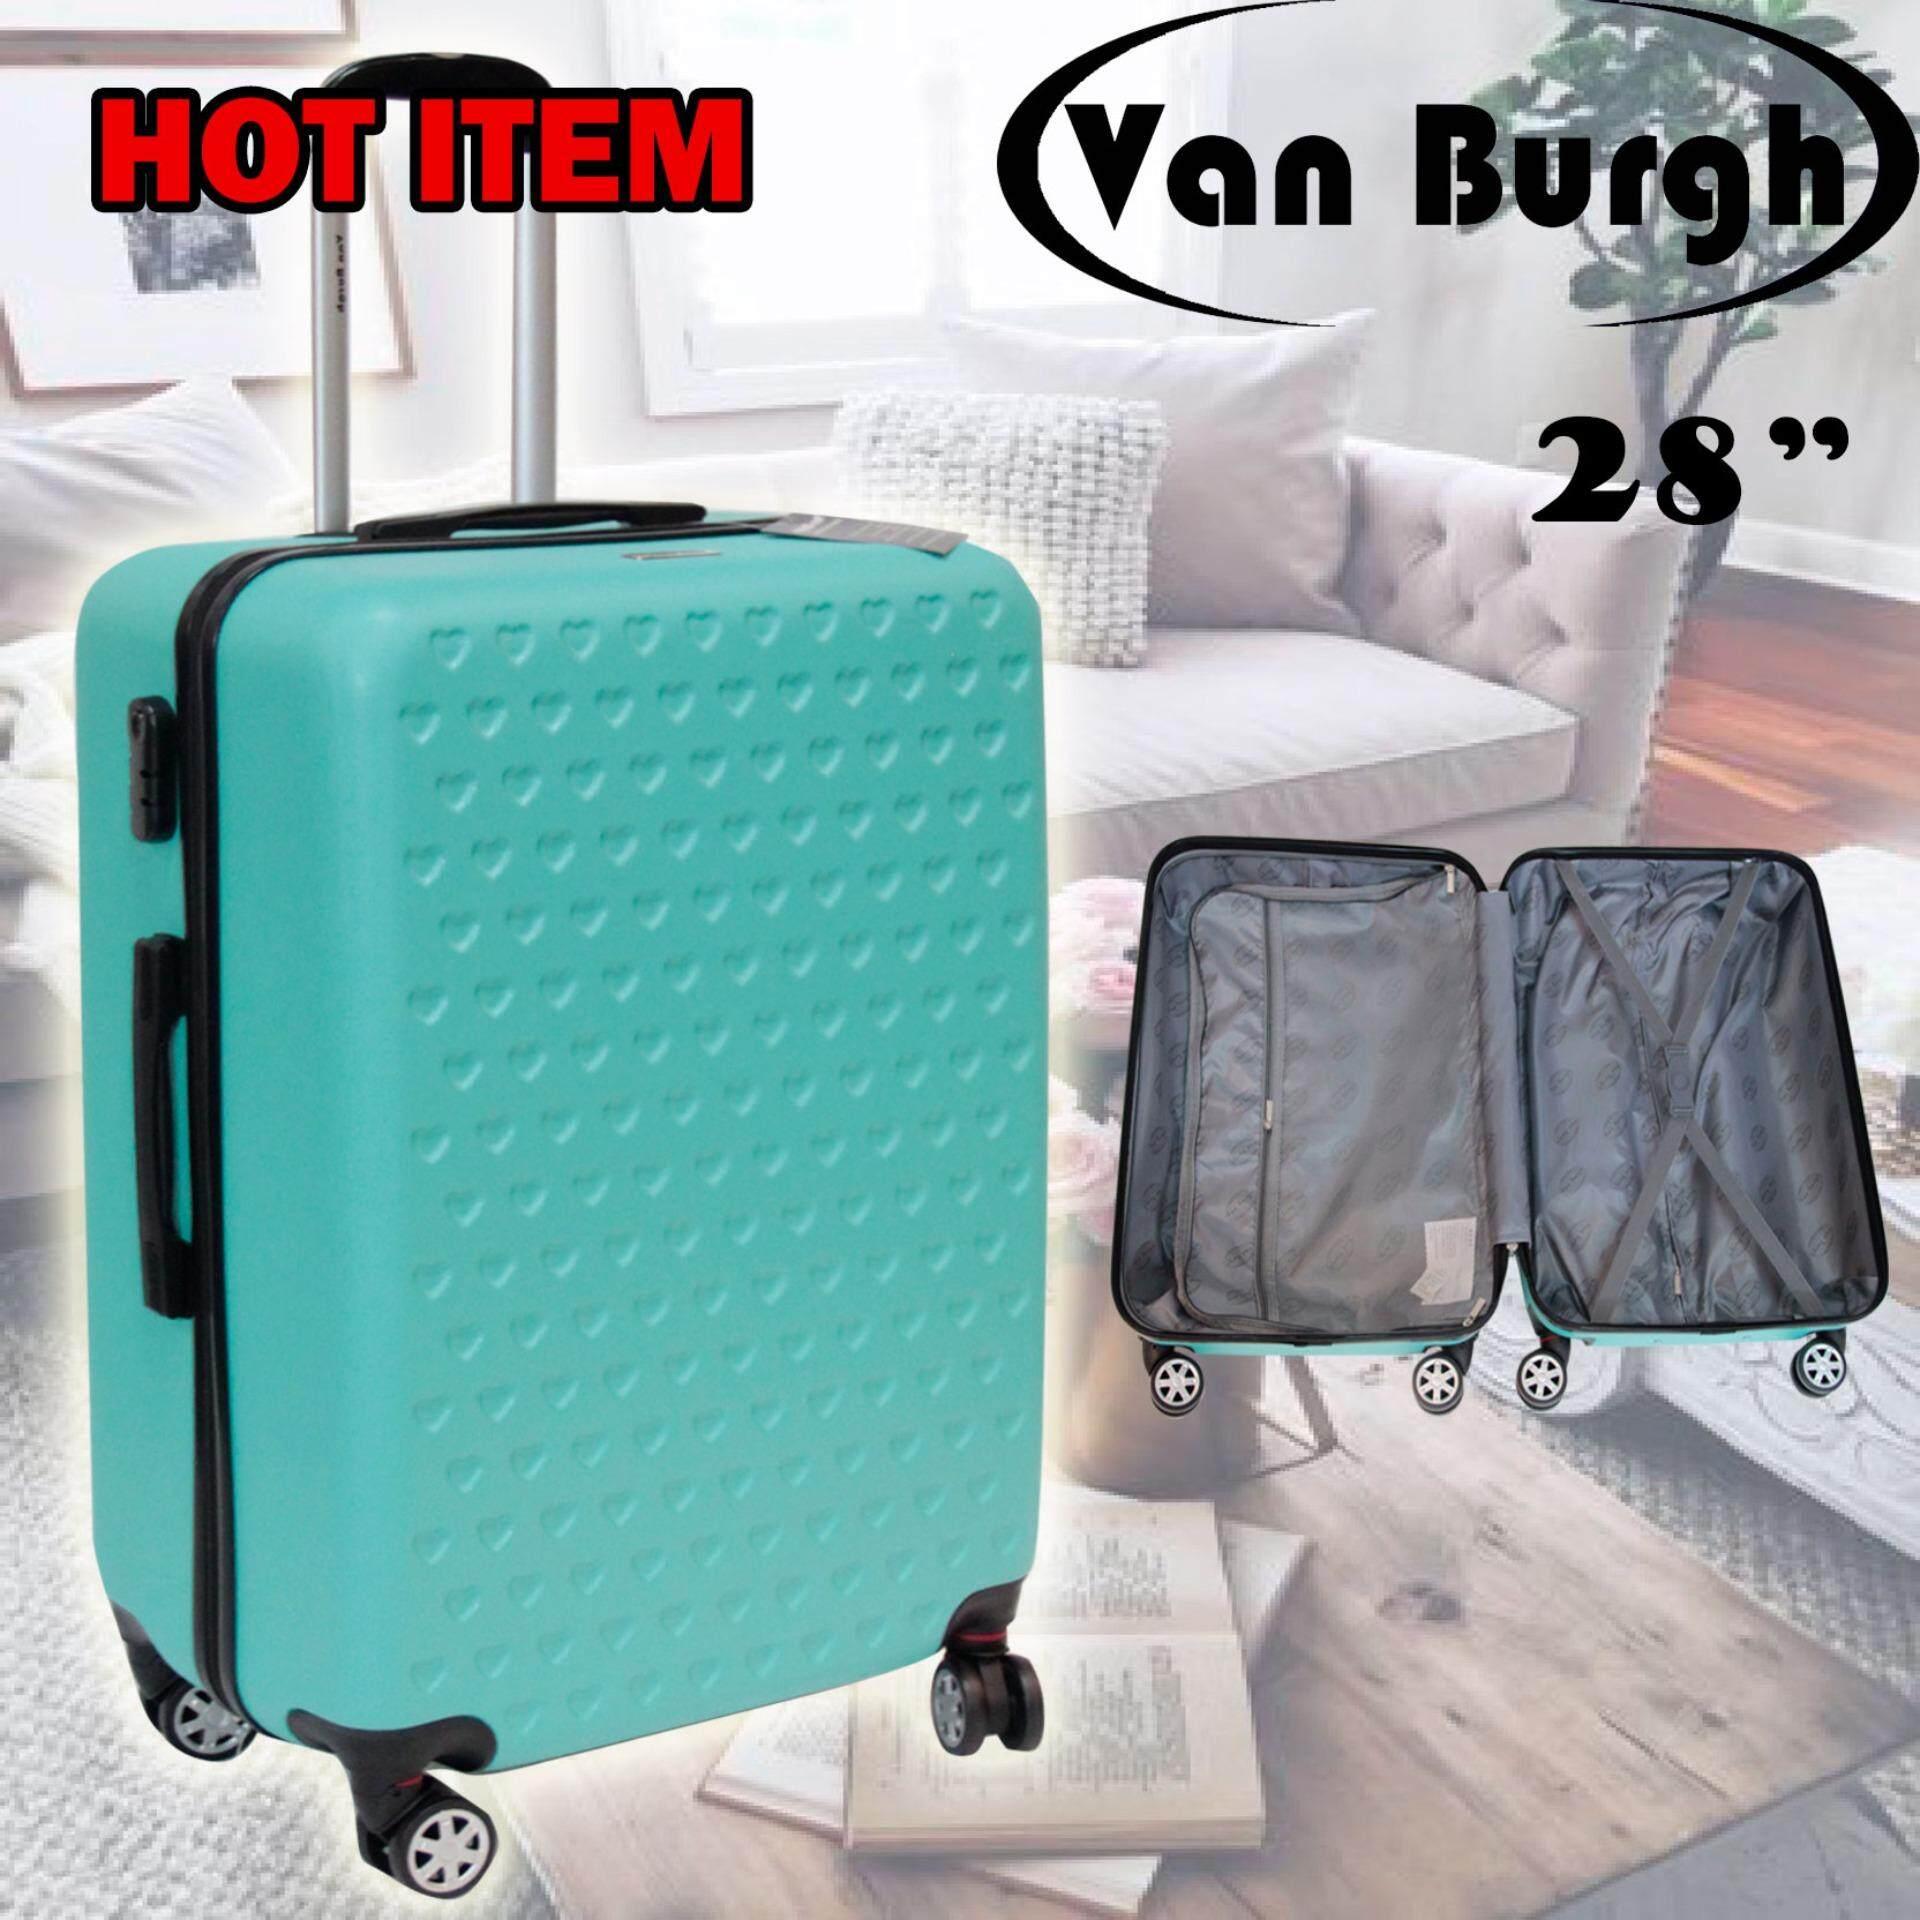 Van Burgh กระเป๋าเดินทาง 28 นิ้ว ล้อลาก 4 ล้อ รุ่น 1601 สีเเขียวลายหัวใจ เป็นต้นฉบับ